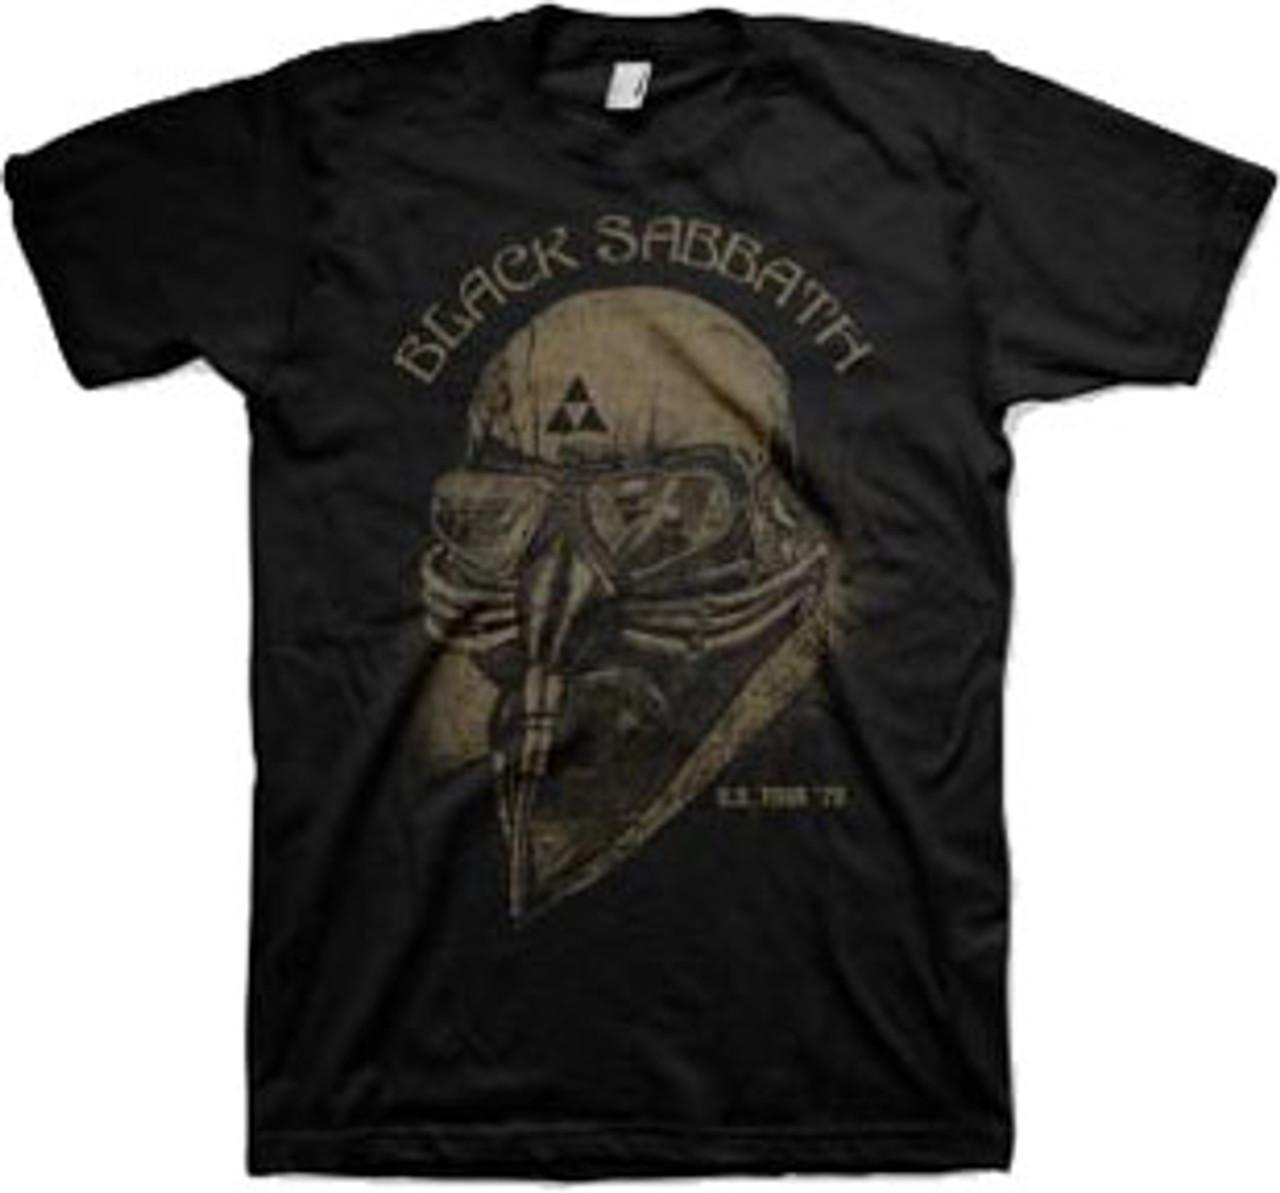 Amplified Black Sabbath 1978 US Tour Mens T-Shirt